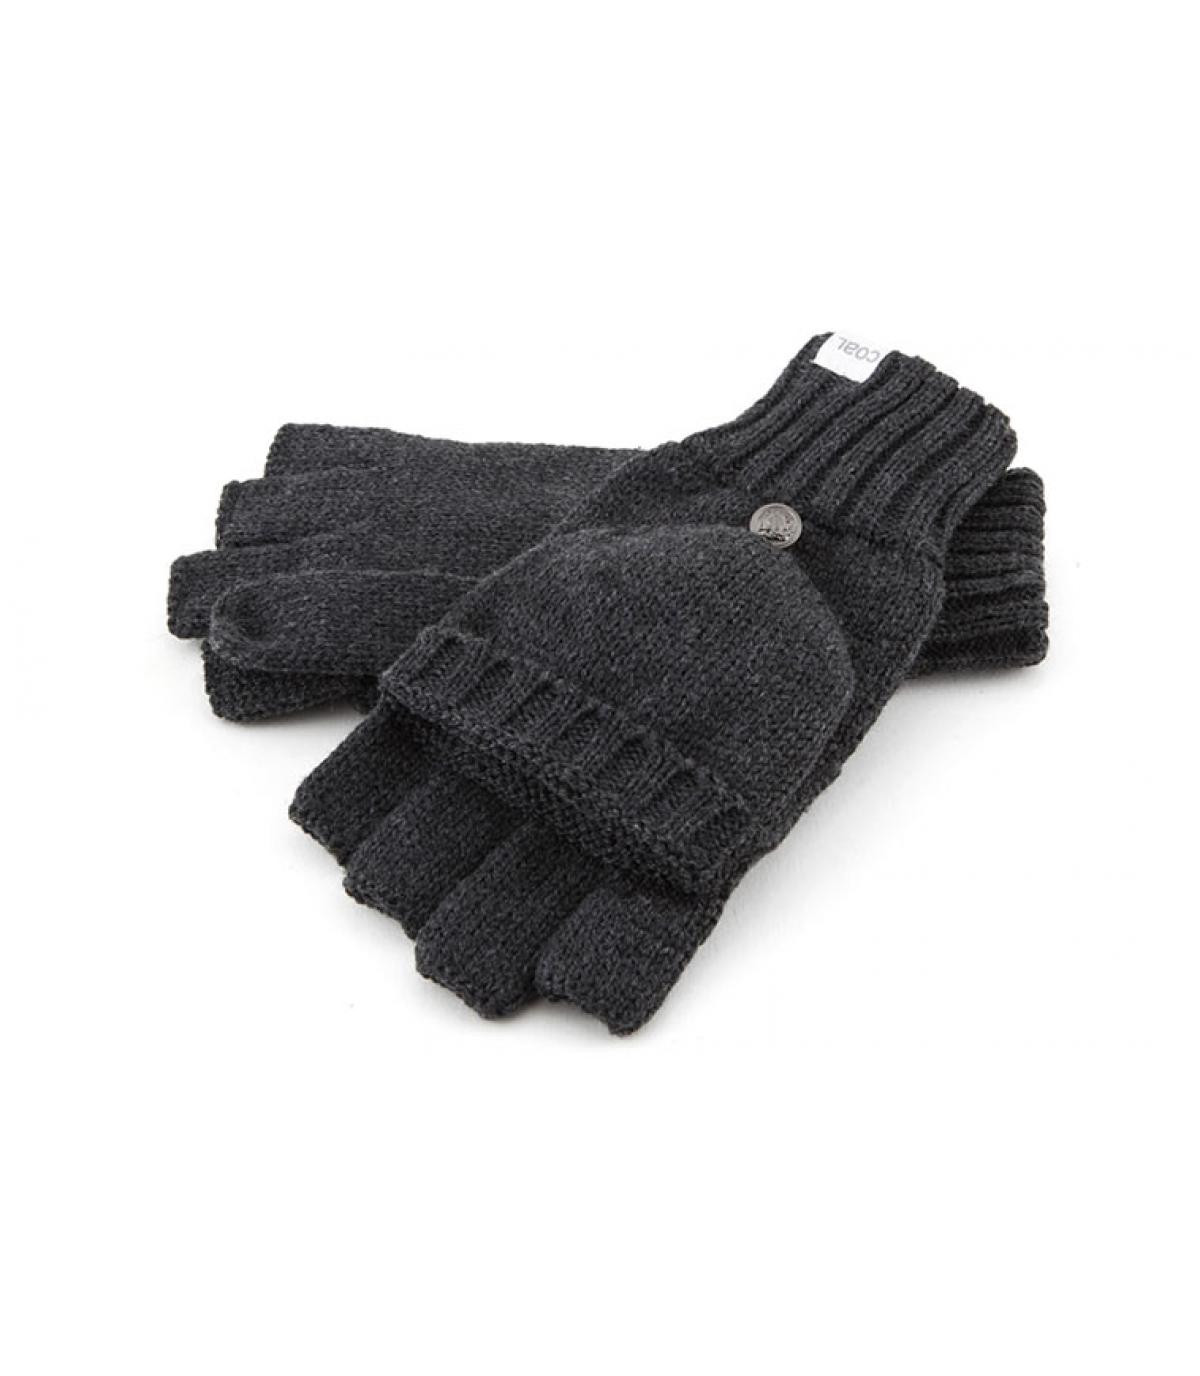 Gray mitten gloves